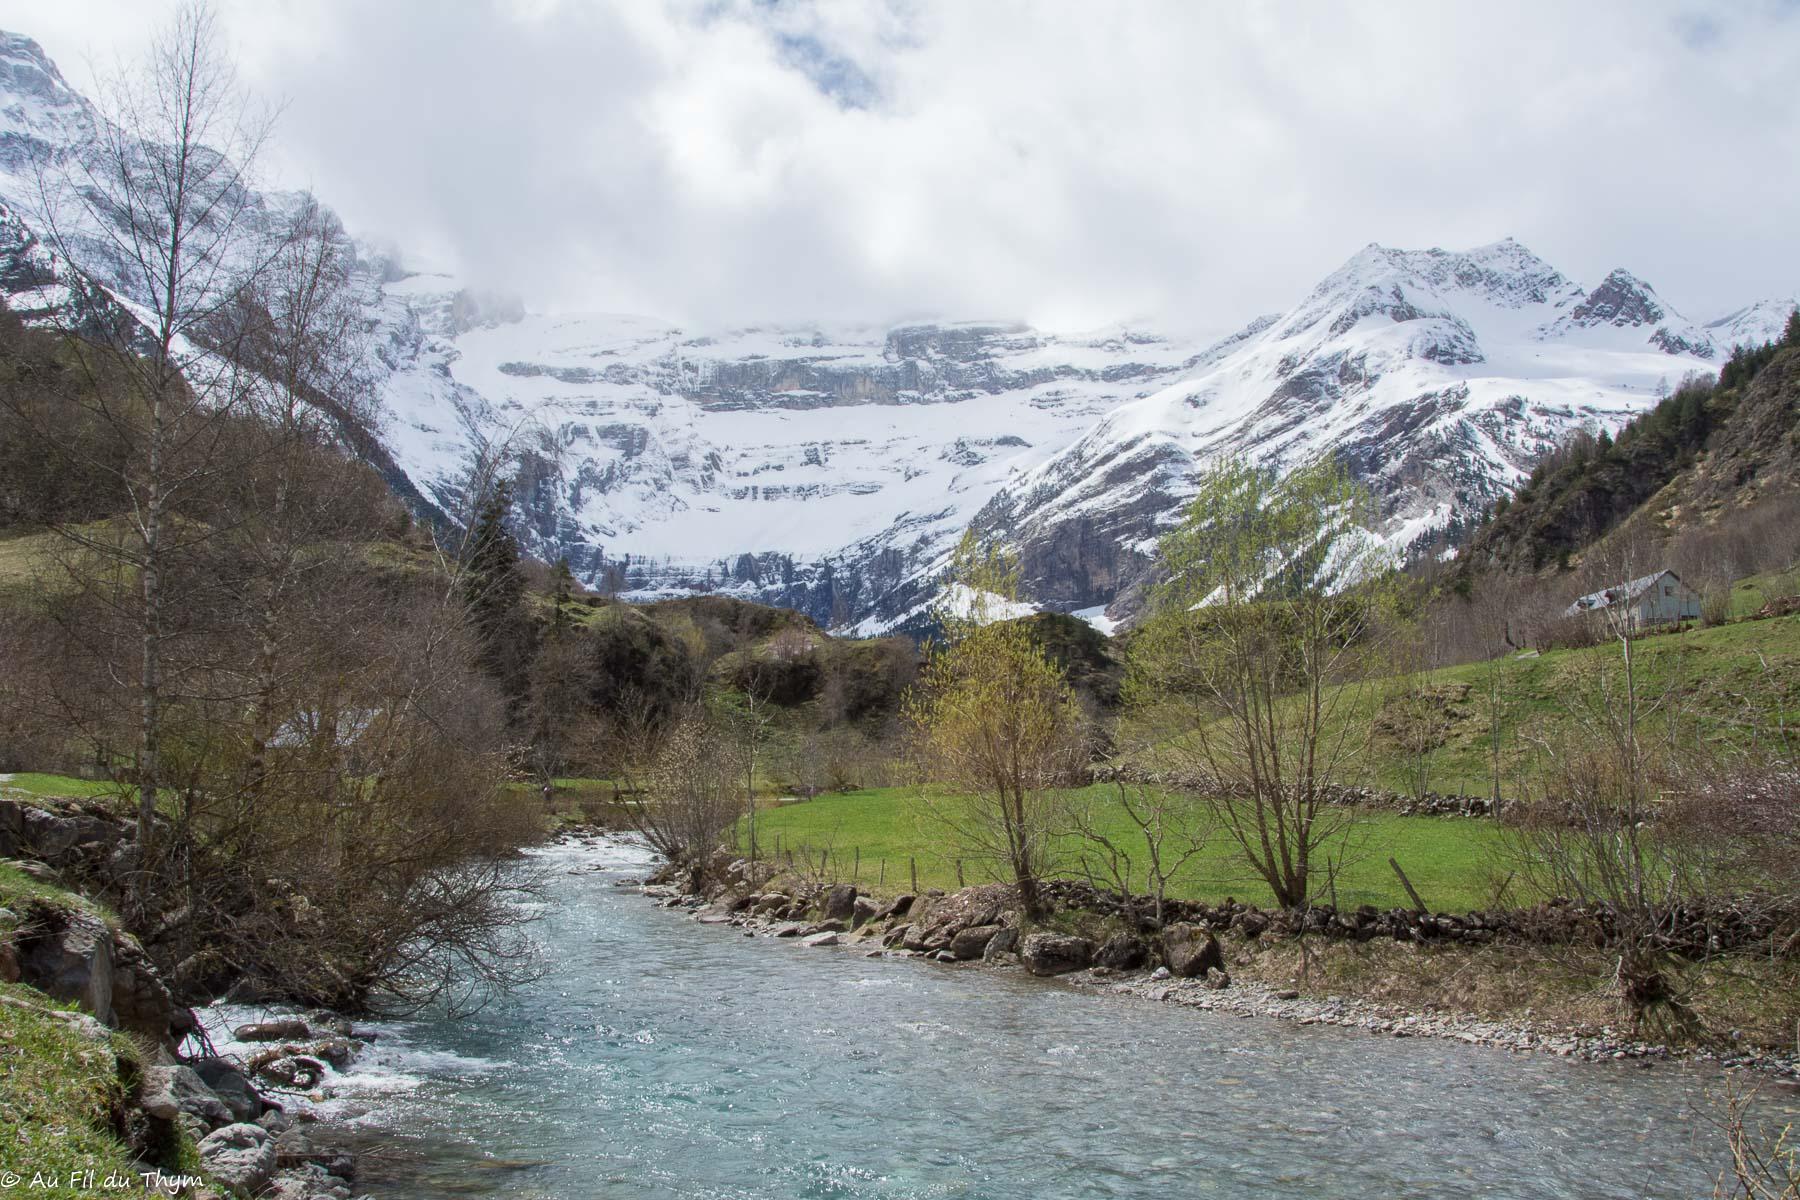 Découvrir la grandeur du cirque de Gavarnie (Pyrénées)